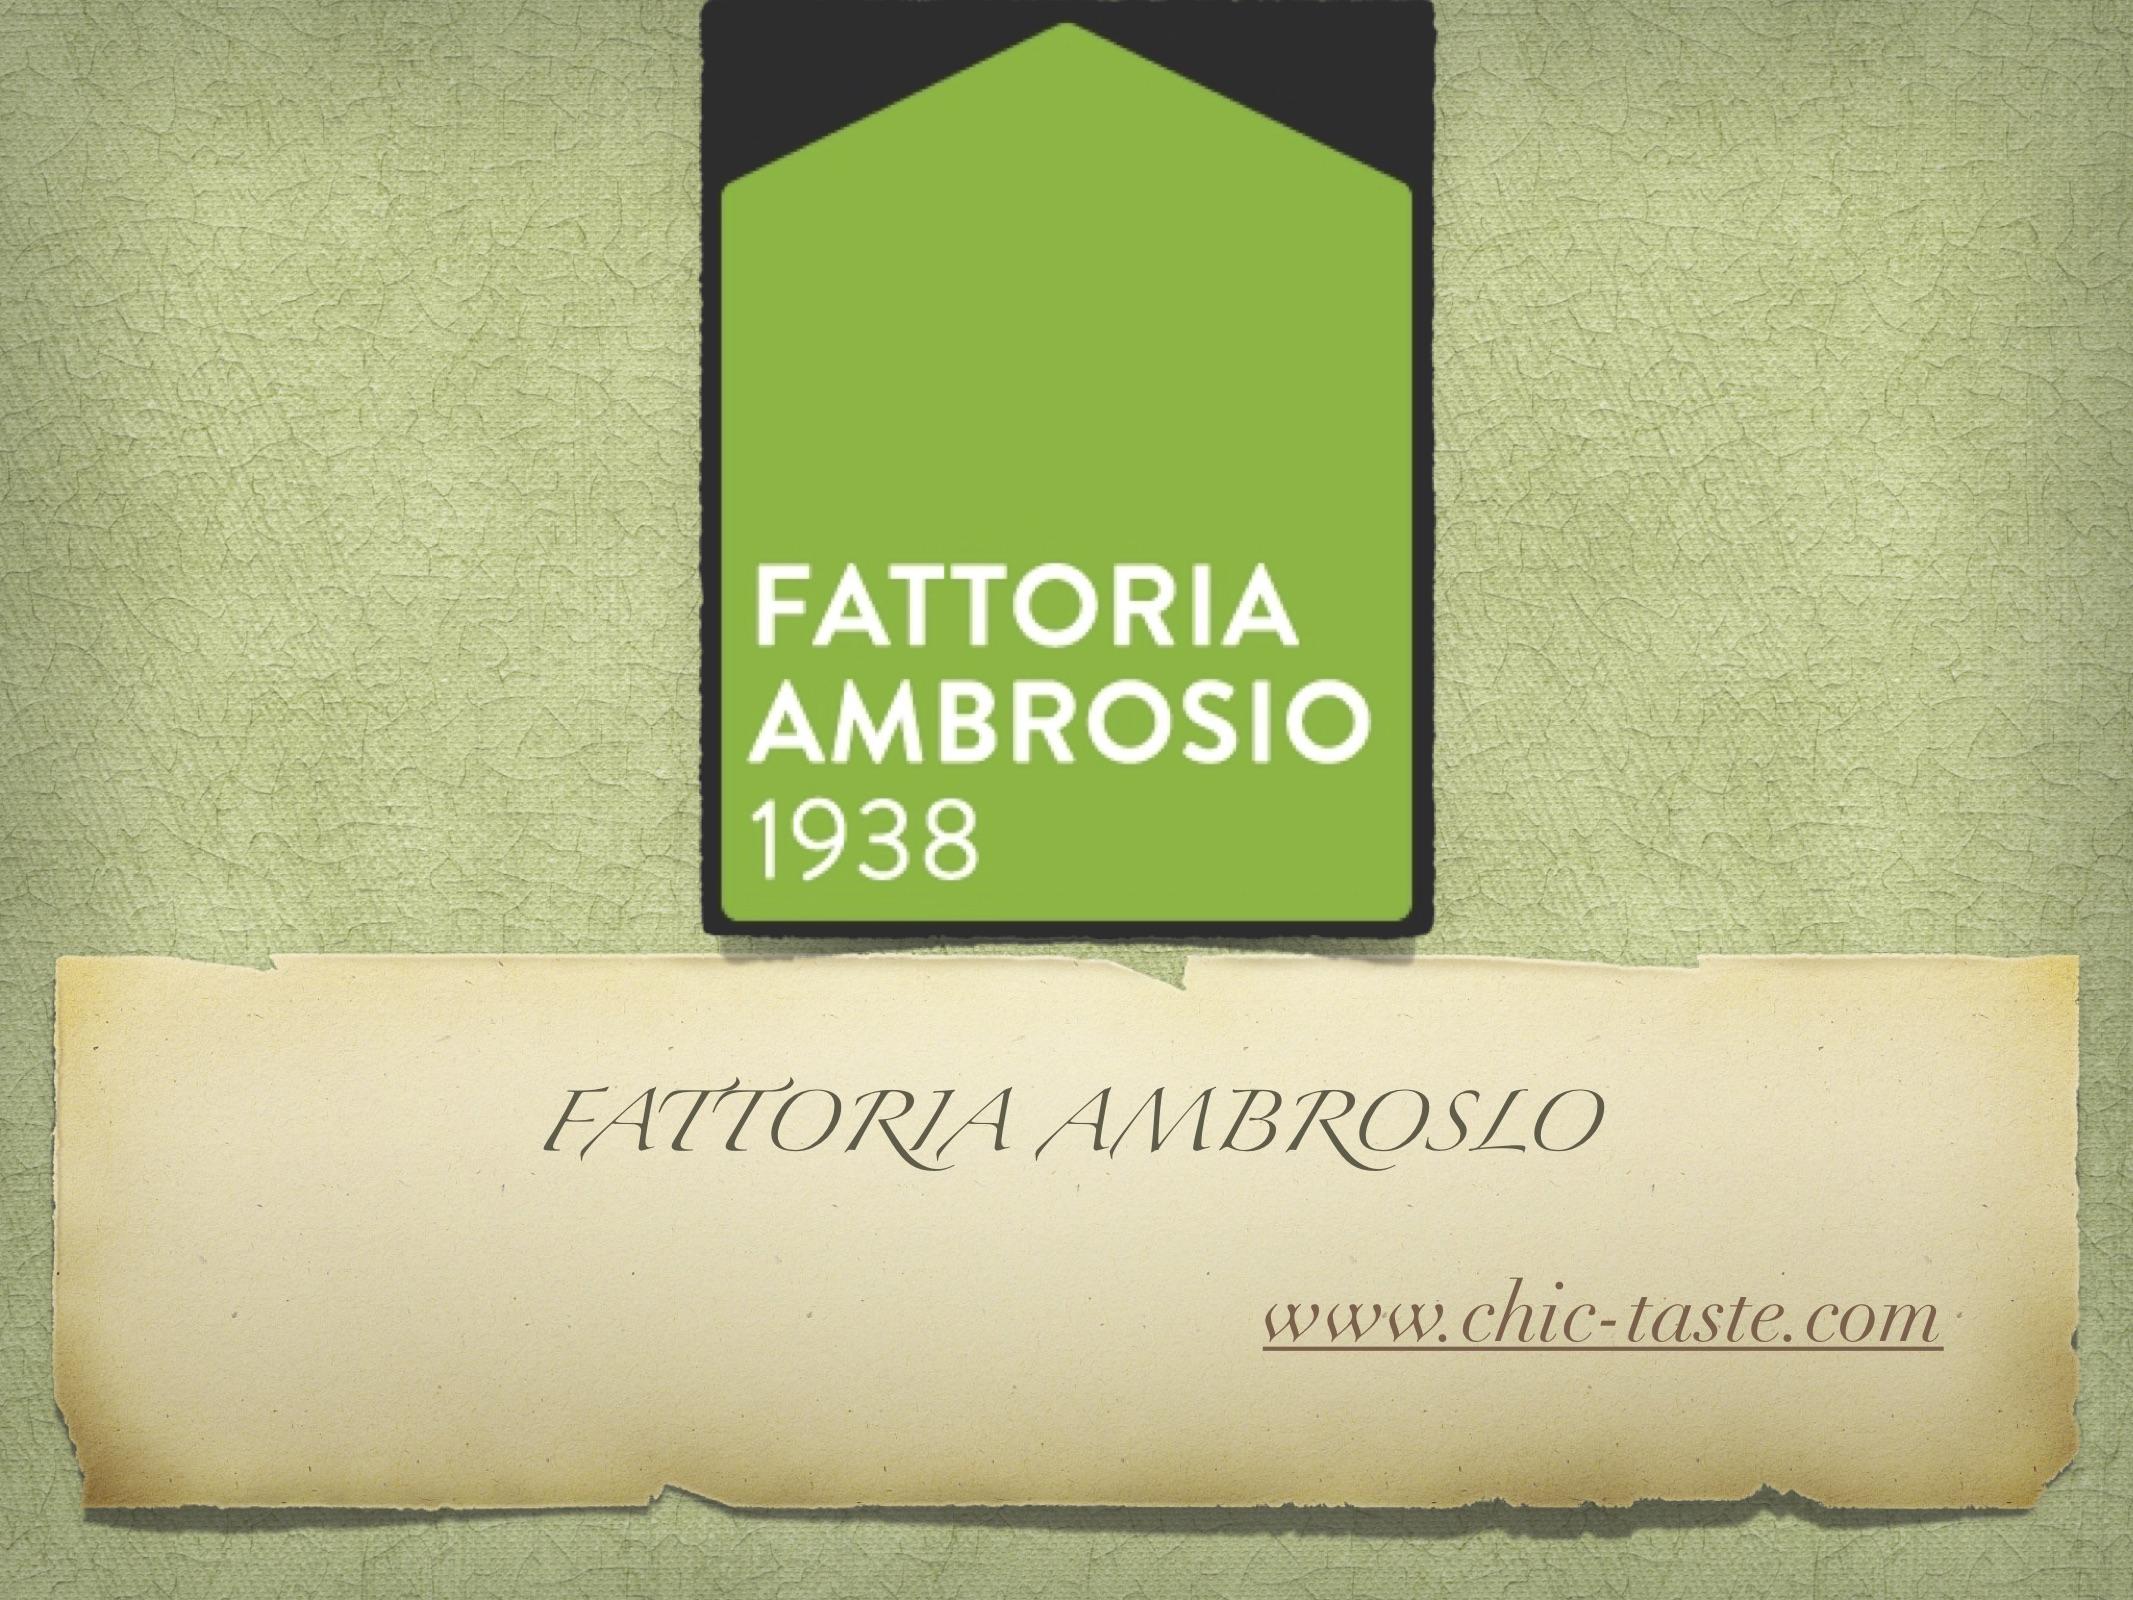 FATTORIA AMBROSLO(已拖移).jpg